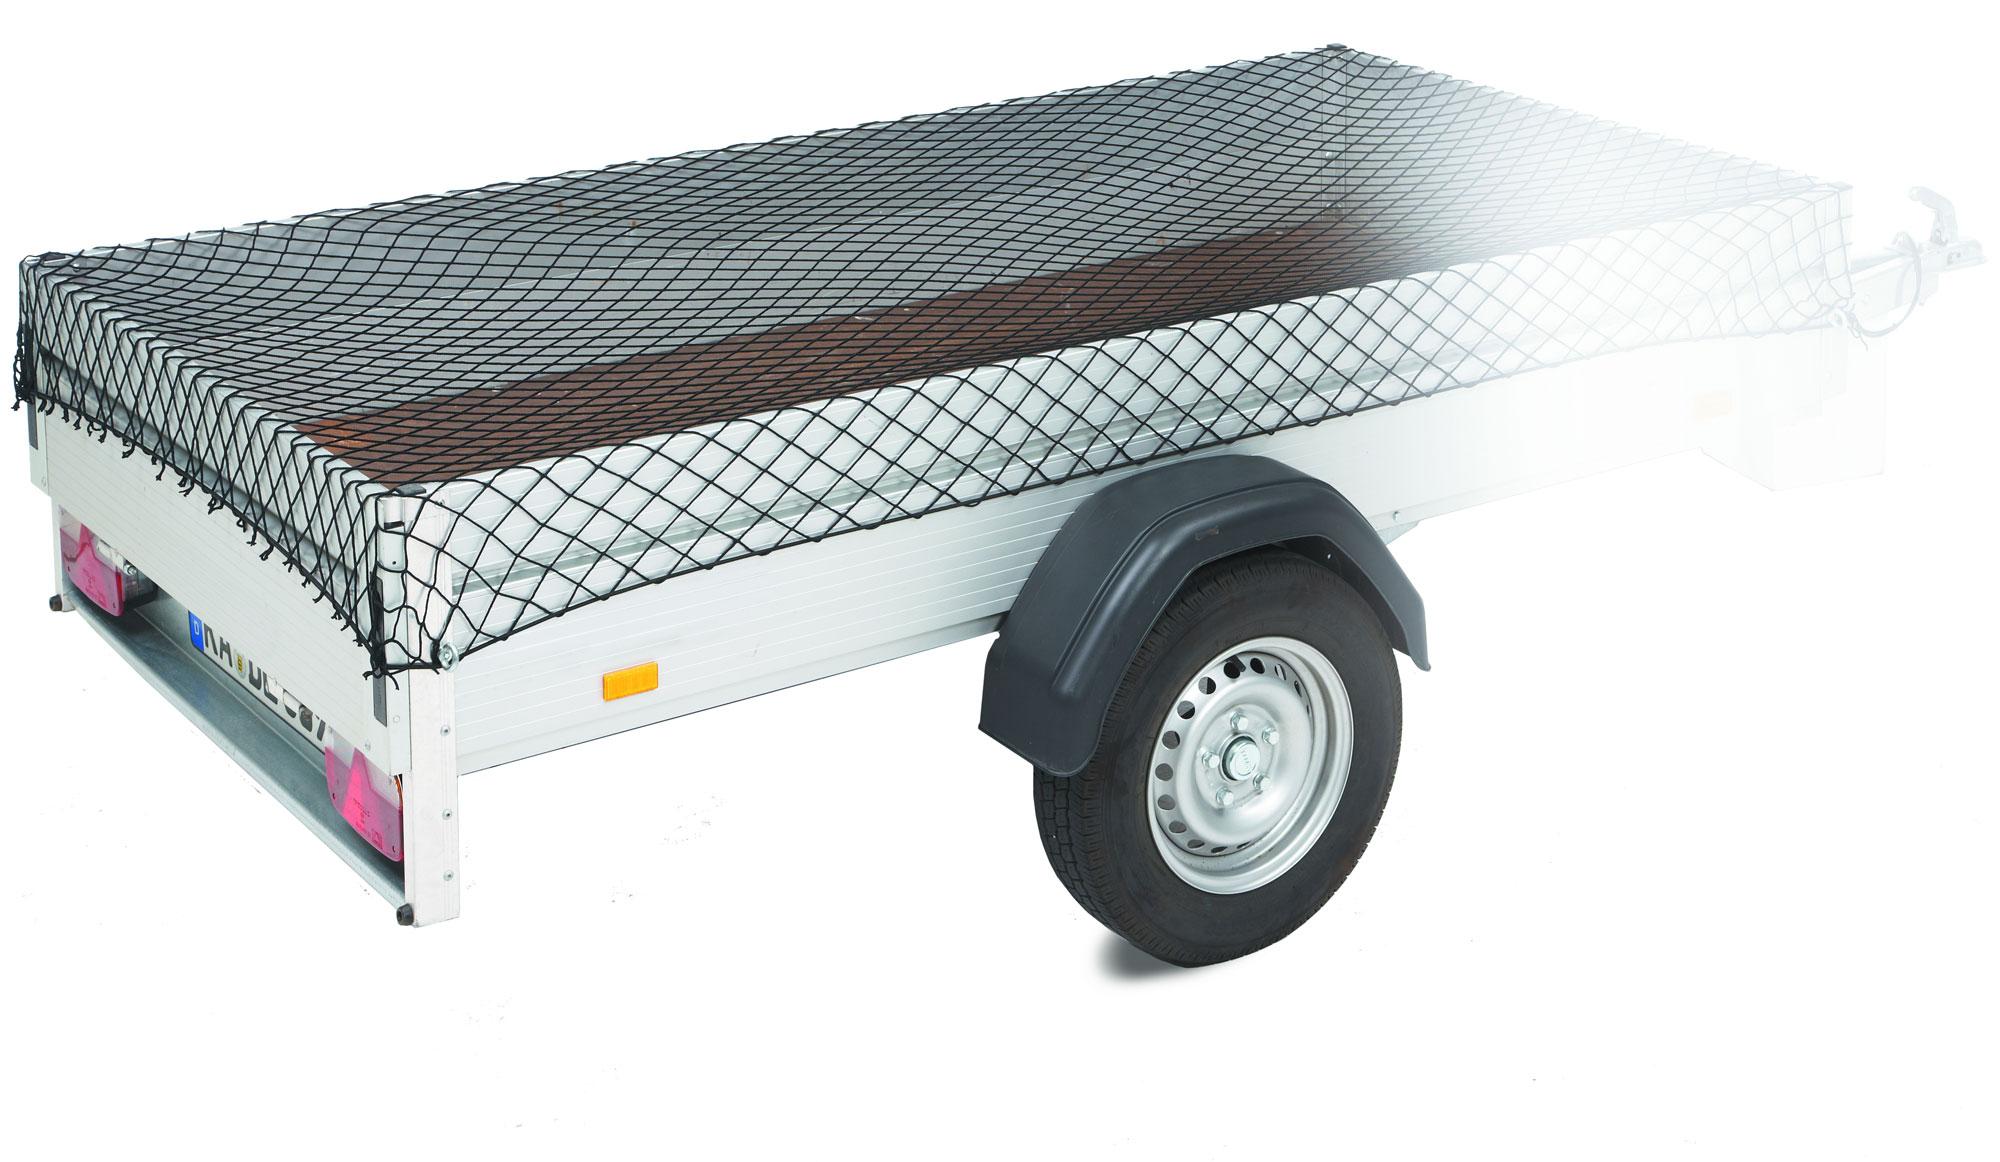 Anhänger-und Gepäcknetz cartrend mit Kordel 3x1,6m Bild 1